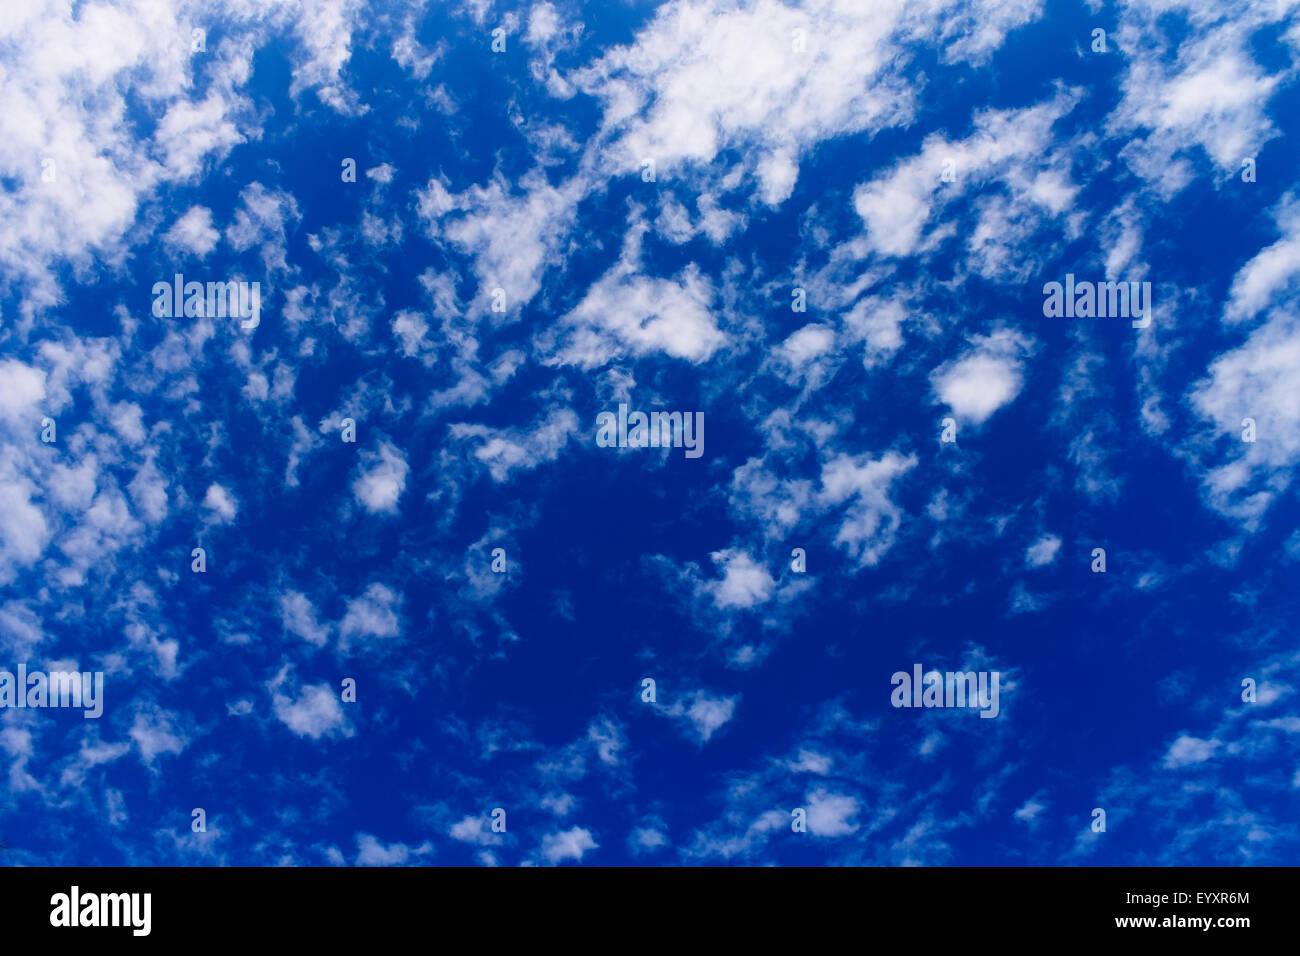 La dispersion des nuages dans le ciel Photo Stock